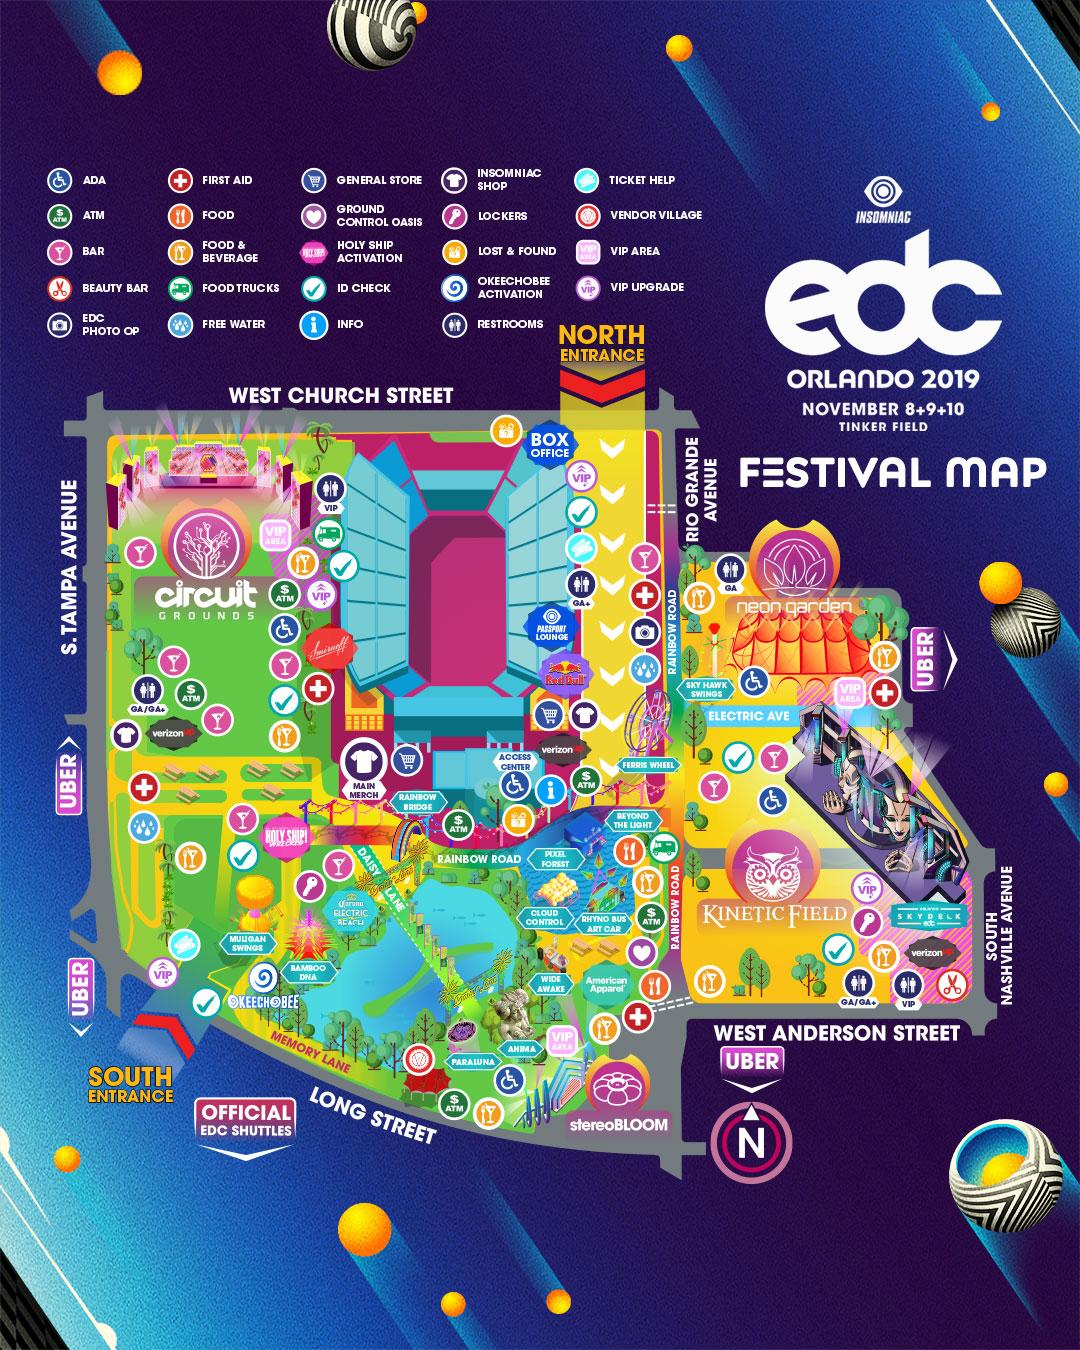 Edc Orlando 2019 map